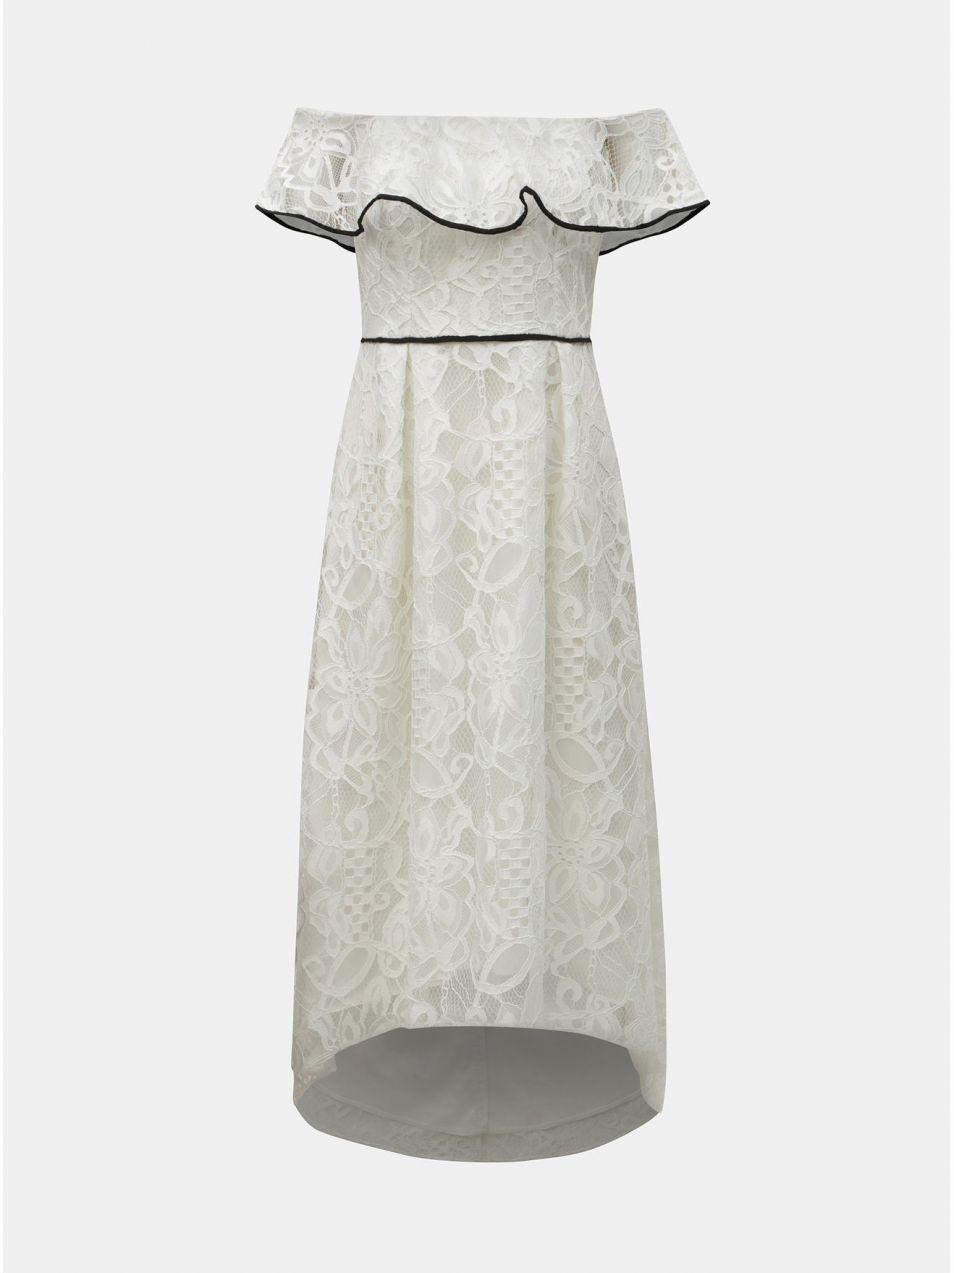 eead48d4b743 Biele čipkované midišaty s odhalenými ramenami Dorothy Perkins ...